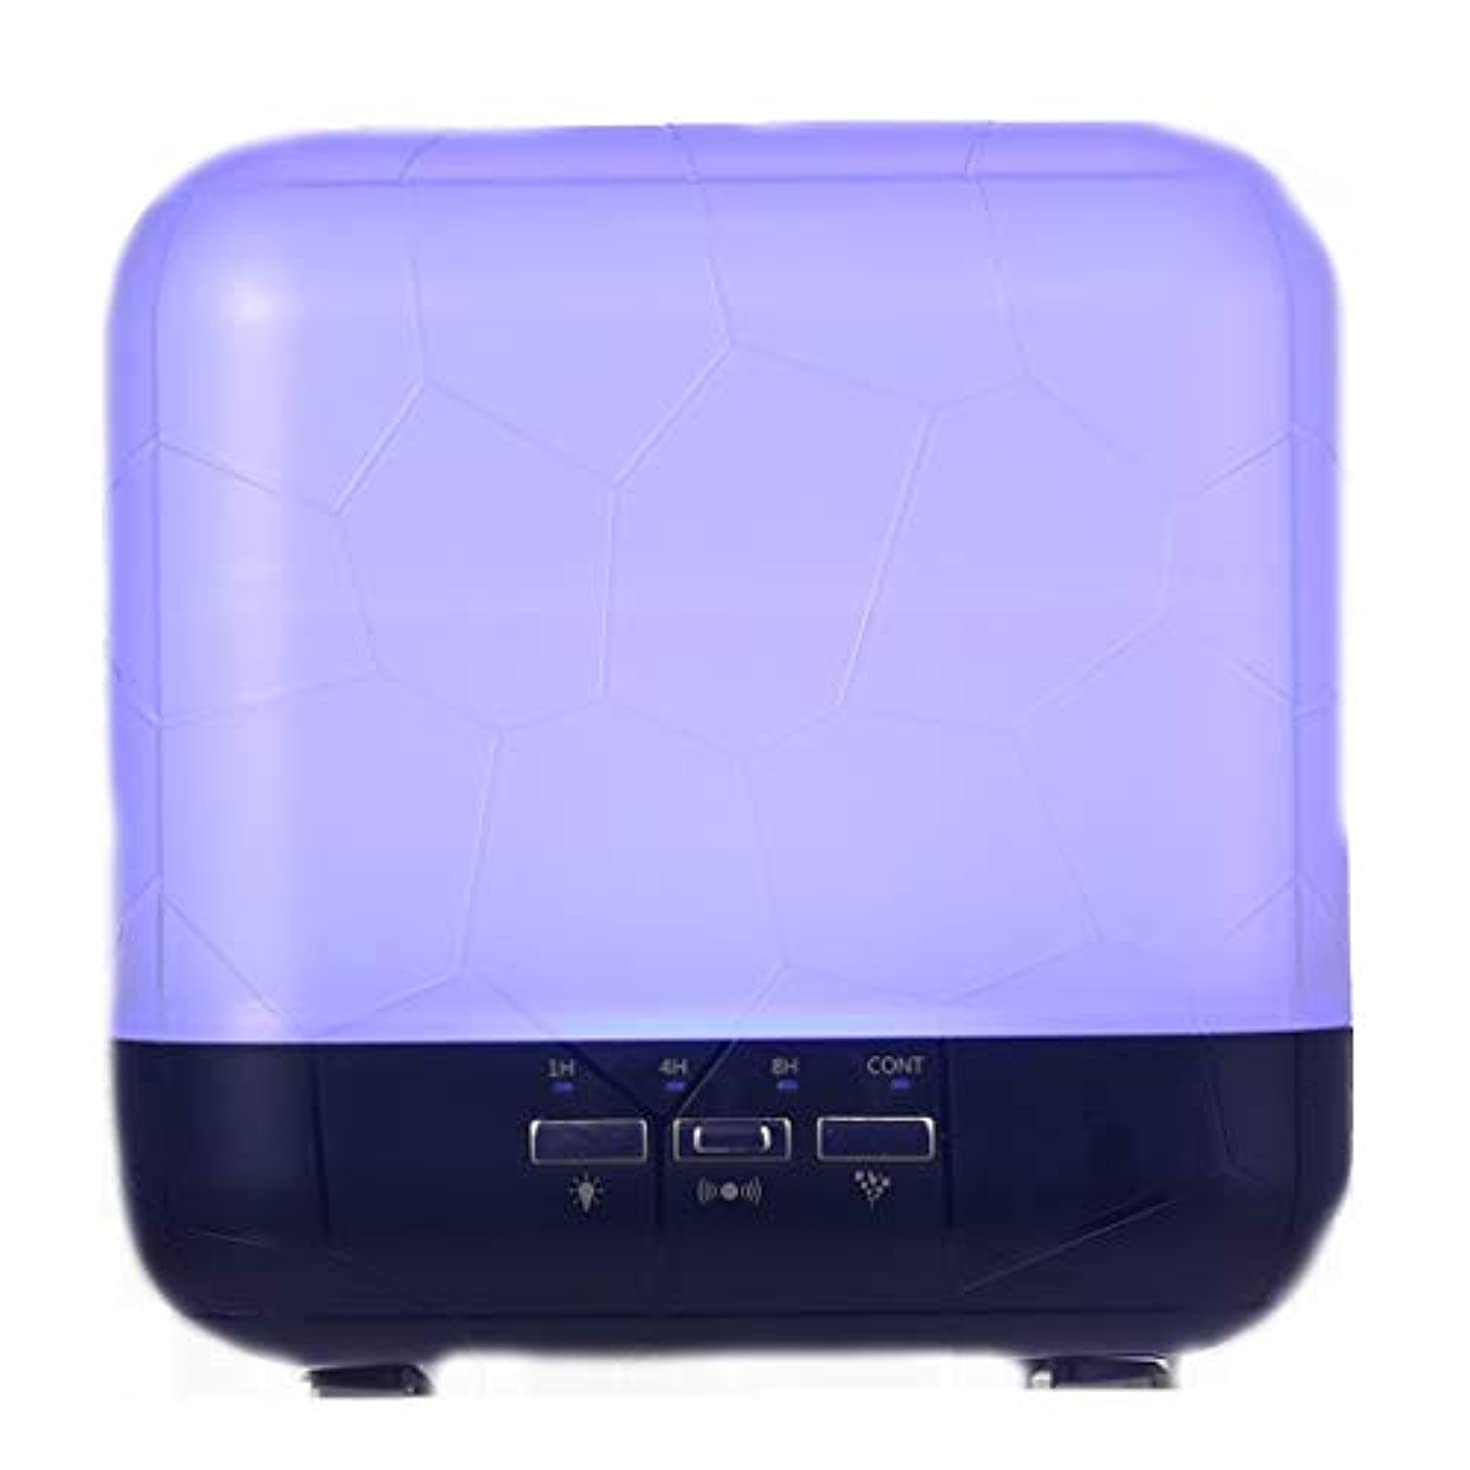 論争の的表向き教会拡散器、調節可能なミストモード、寝室/オフィス/旅行のためのアロマセラピー機械を離れた自動のHomeweeks 1000ml多彩な精油の拡散器 (Color : Purple)